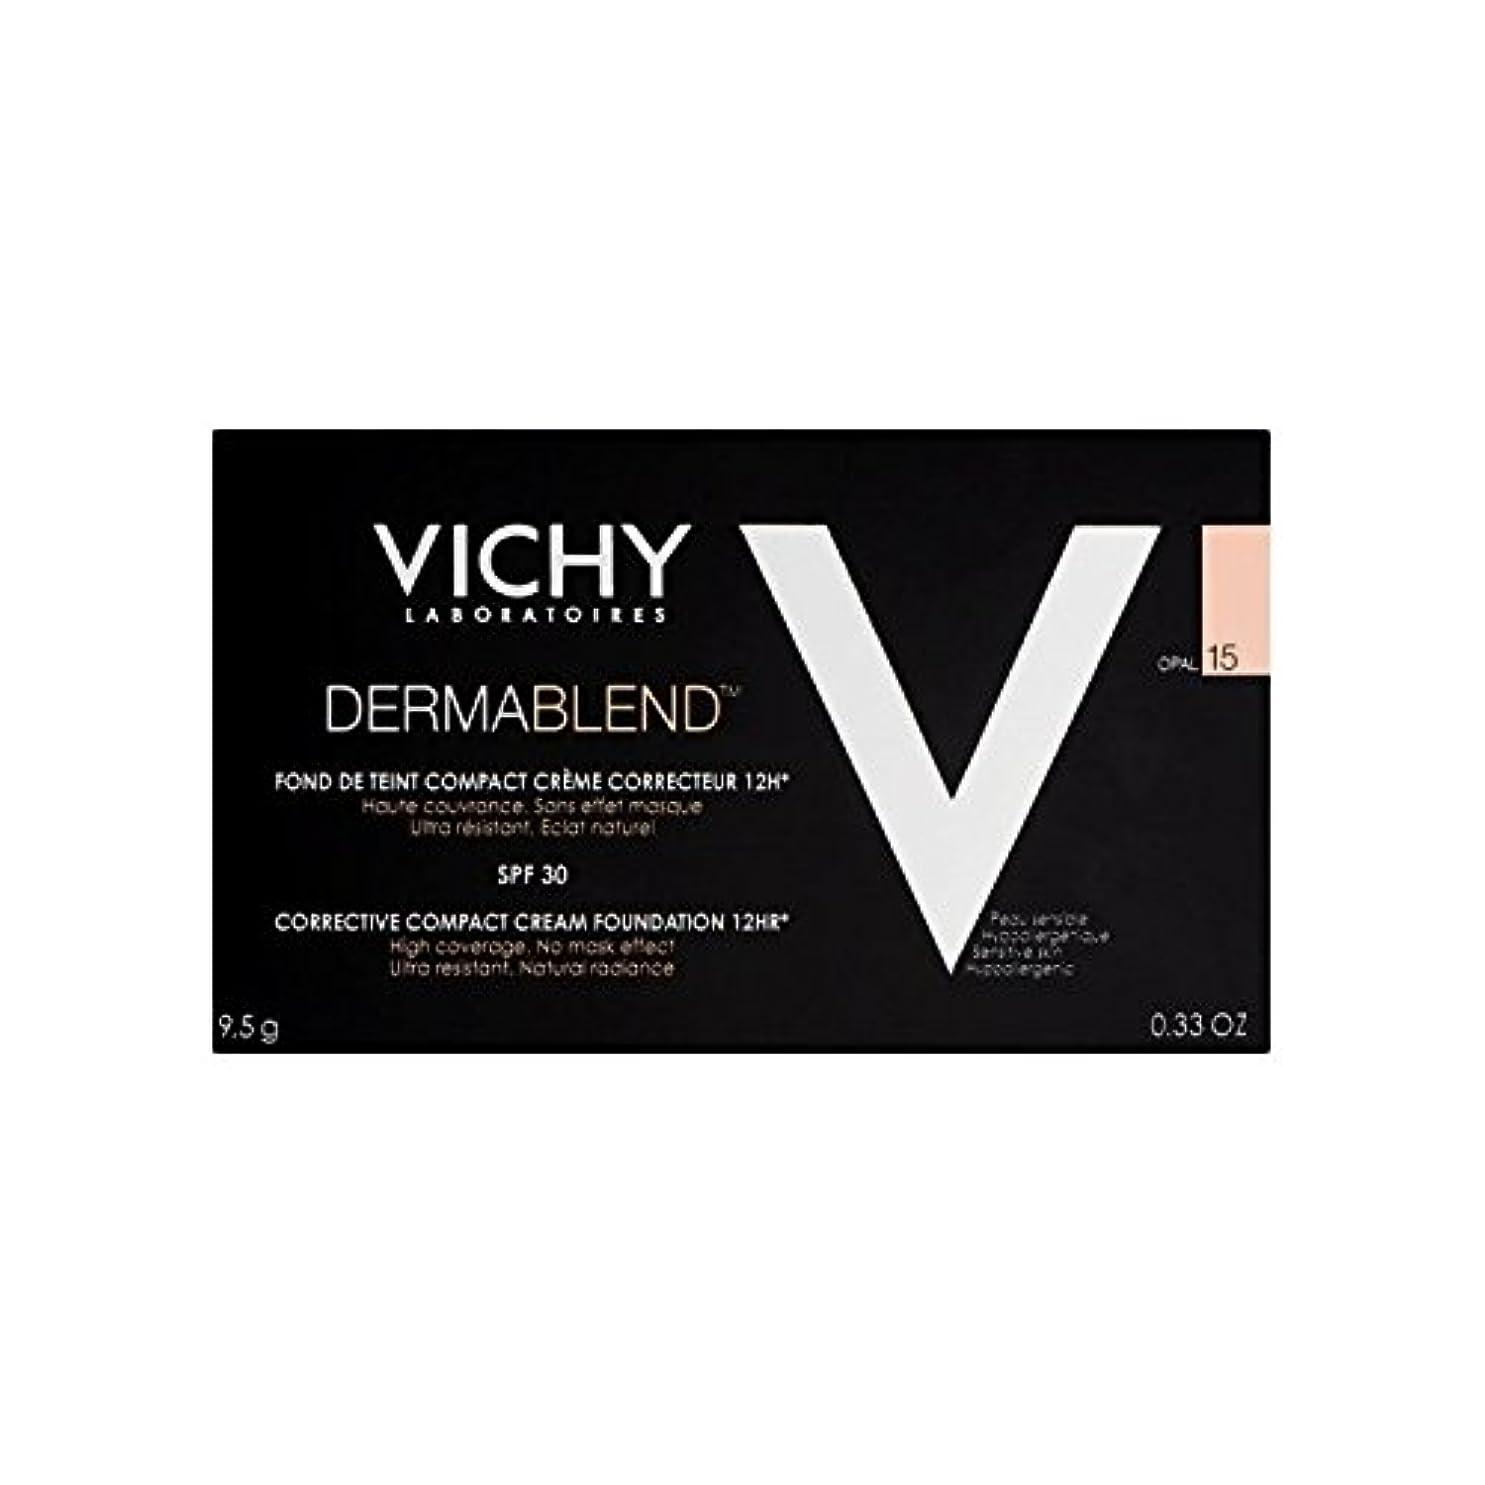 マット部族系統的ヴィシー是正コンパクトクリームファンデーションオパール15 x4 - Vichy Dermablend Corrective Compact Cream Foundation Opal 15 (Pack of 4) [並行輸入品]